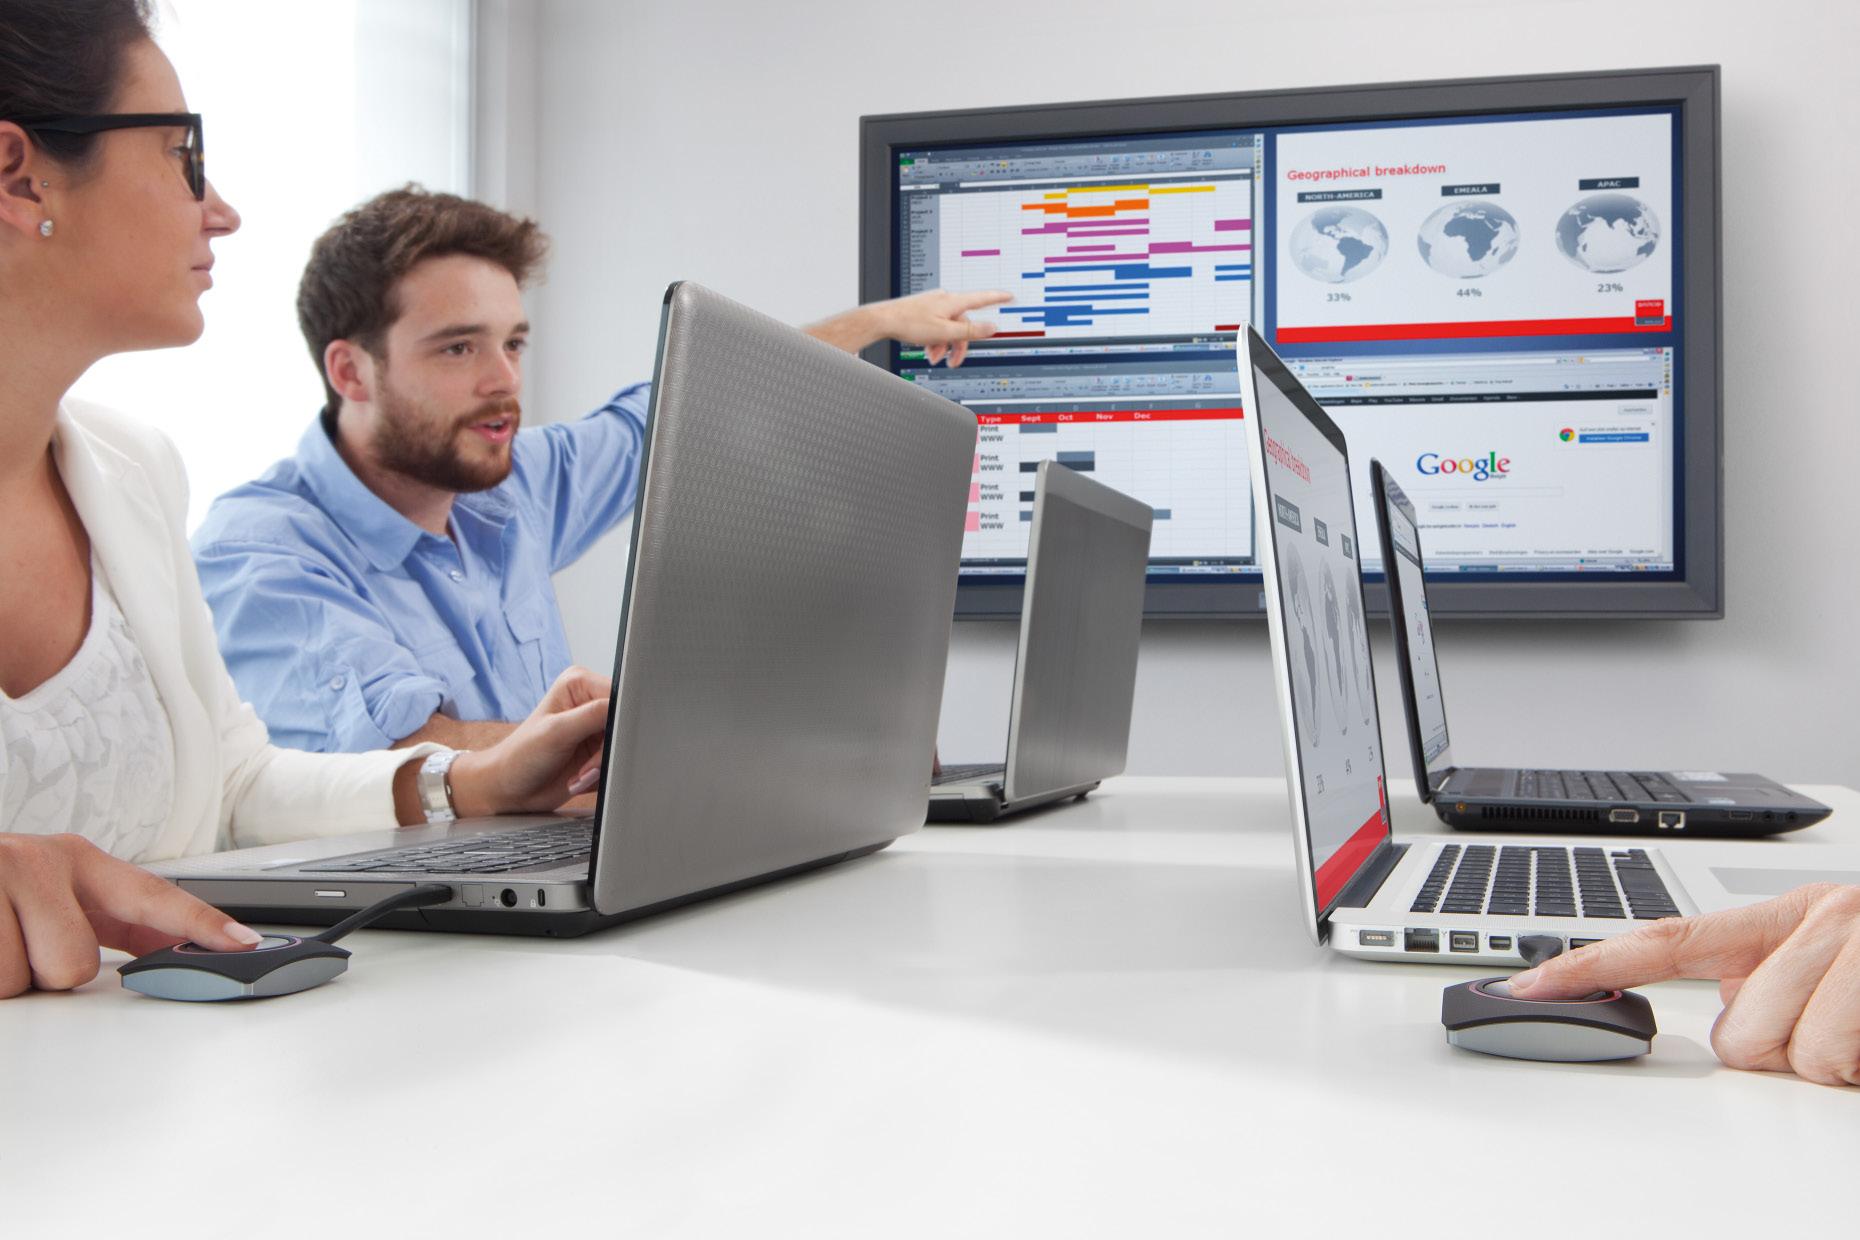 Presentation management system